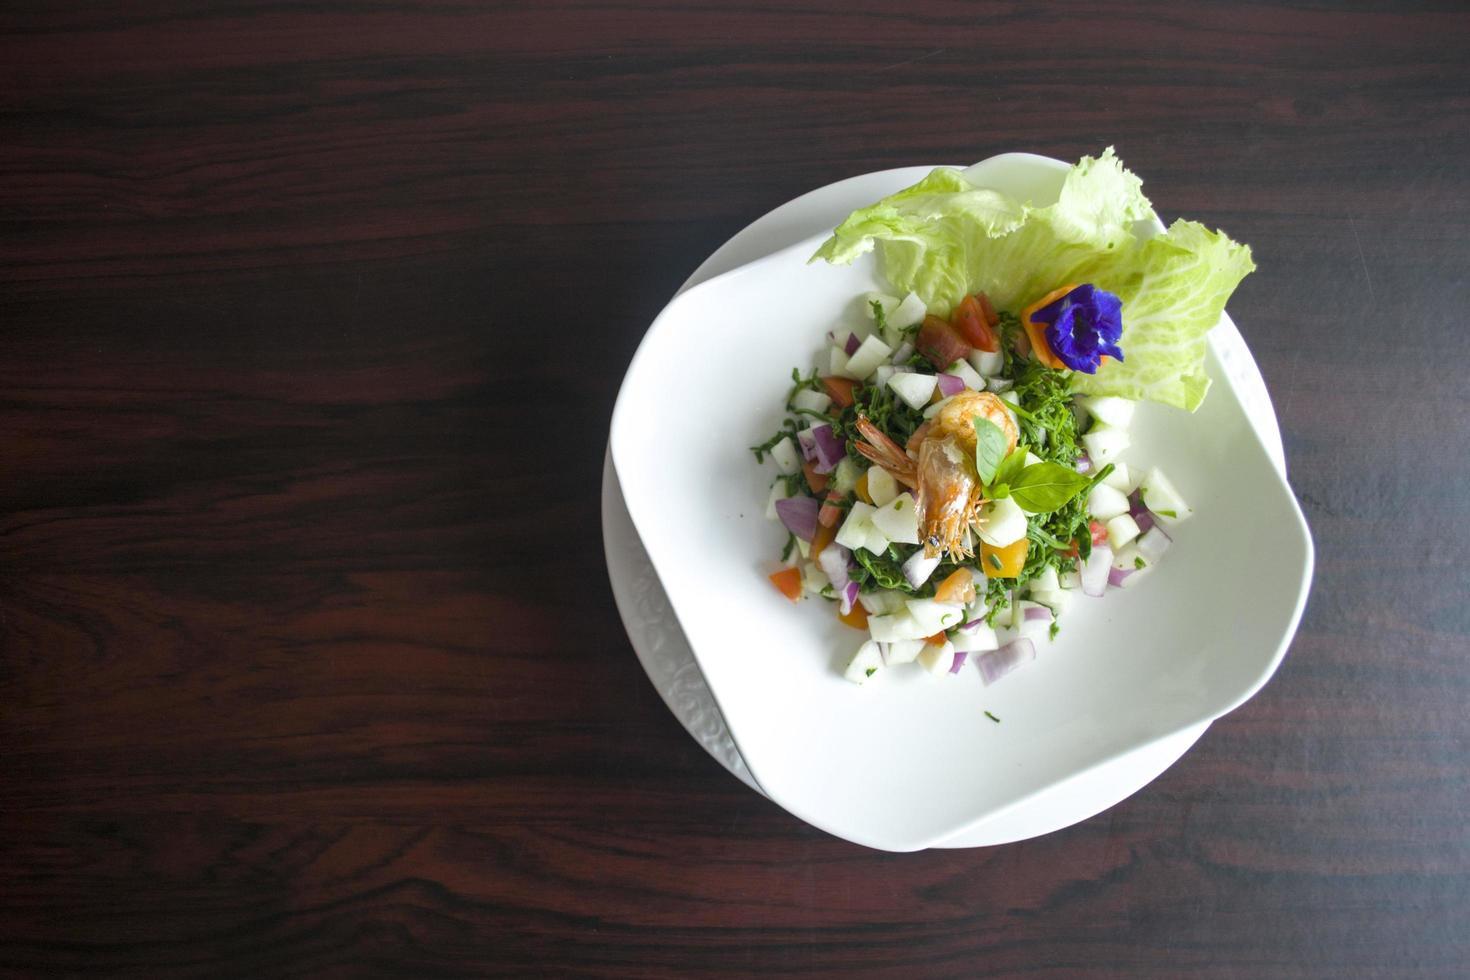 ensalada de verduras con camarones foto